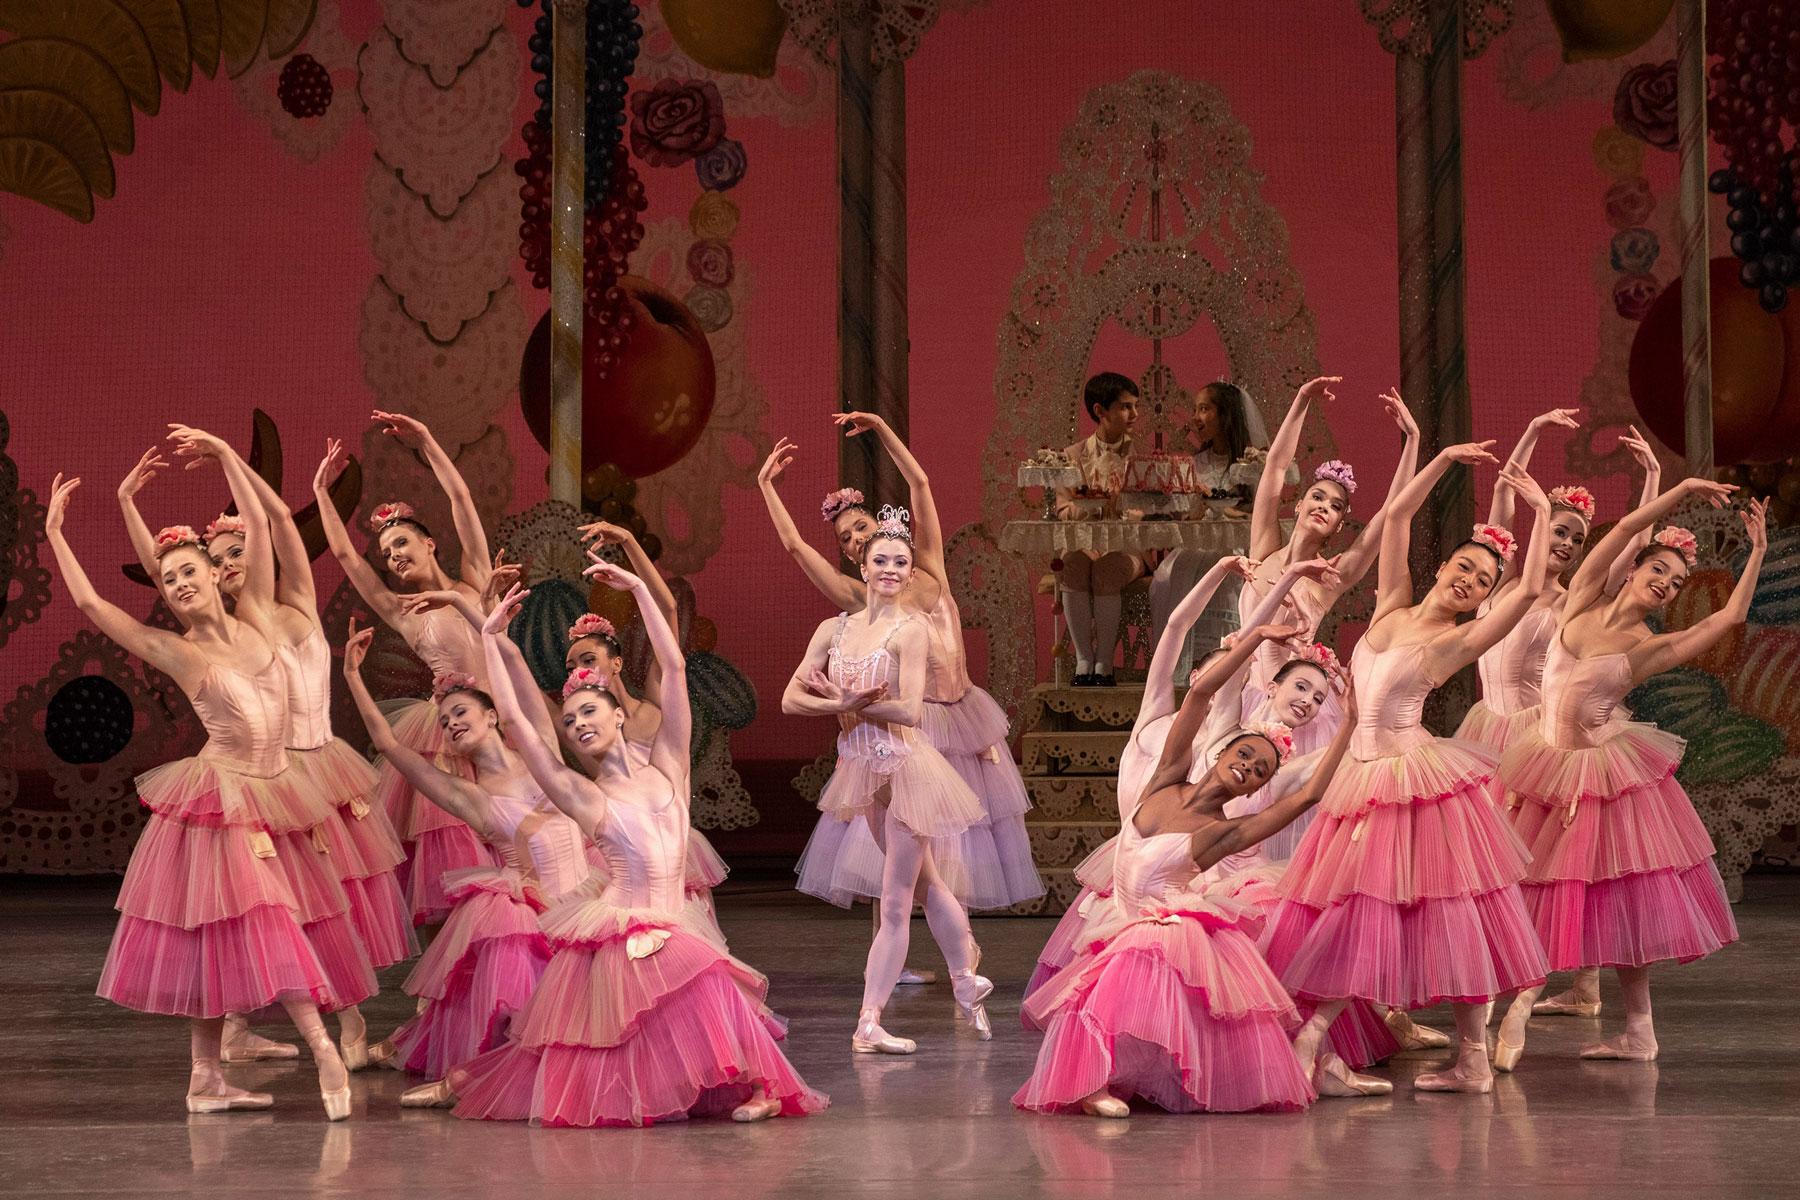 New York City Ballet The Nutcracker virtual